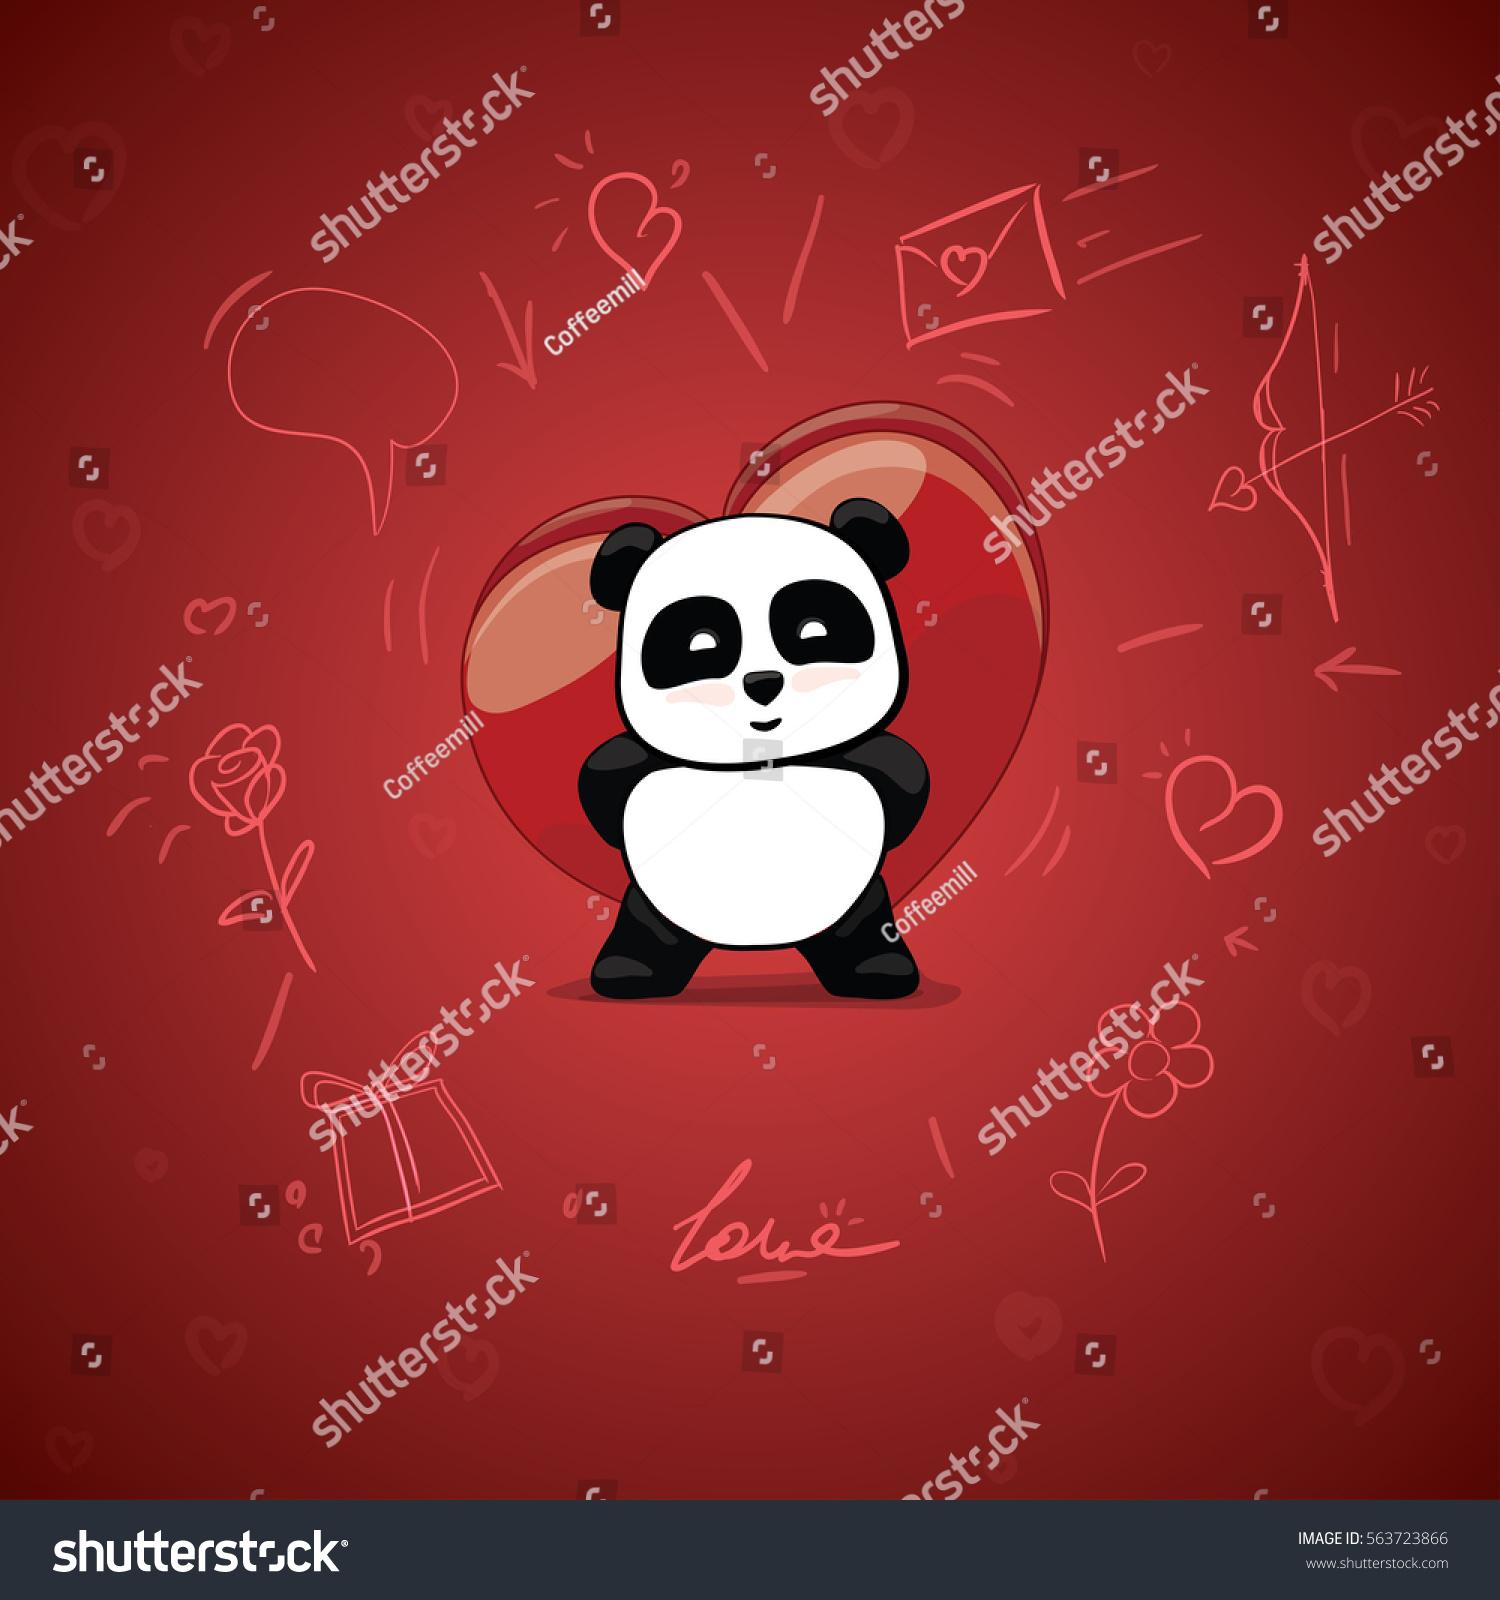 Little Cute Panda Hidden Gift. Box Of Candies. Heart For Valentineu0027s ...